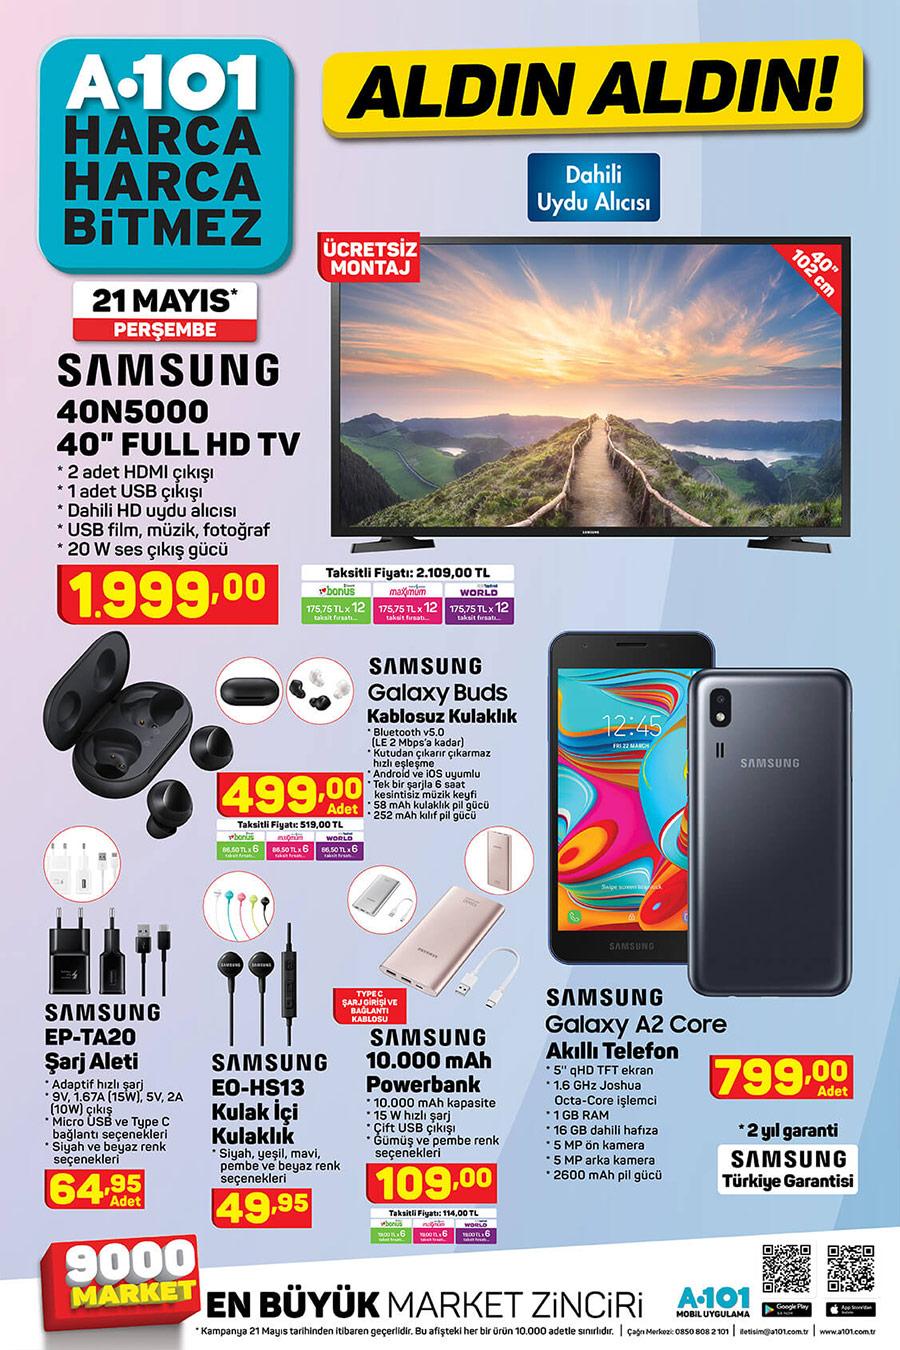 A101 21 Mayıs 2020 Samsung Ürünleri Sayfası